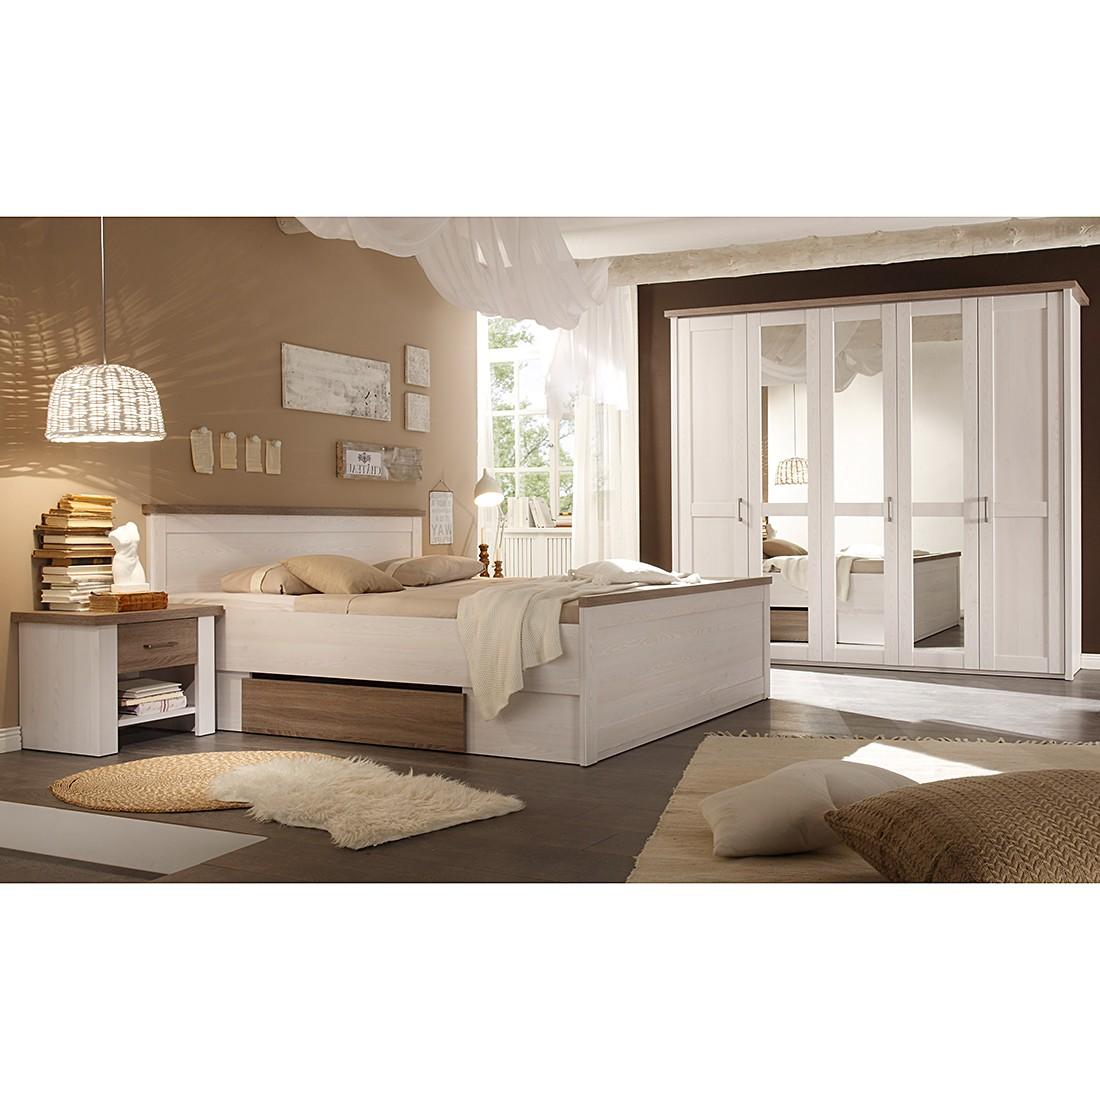 Schlafzimmerset Linus (4-teilig) – Weiß/Trüffel, Modoform jetzt kaufen